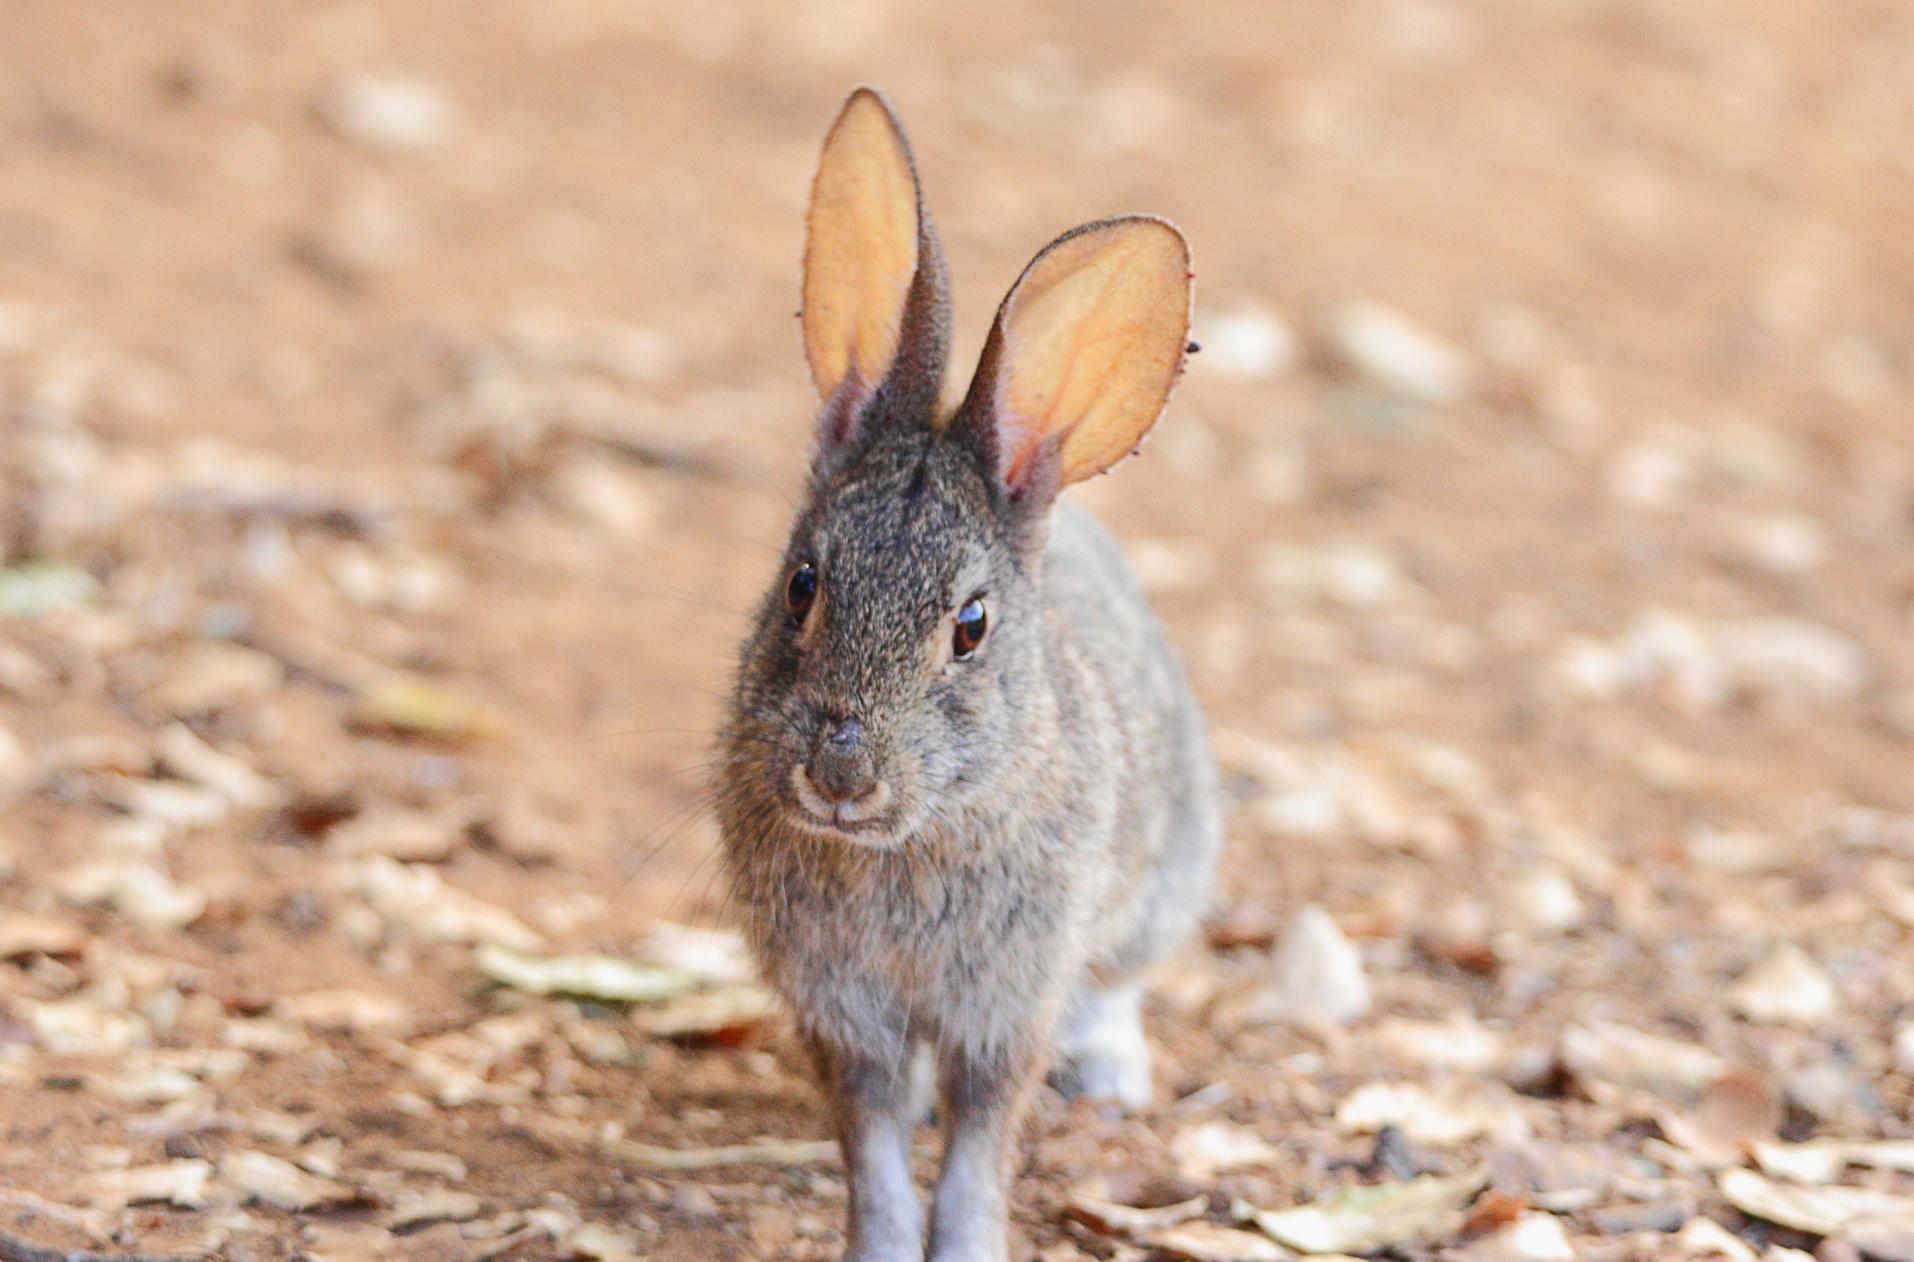 CVAL - Cotontail Rabbit (happy Bun!) - D.Mauk - Jul-29-2018 -